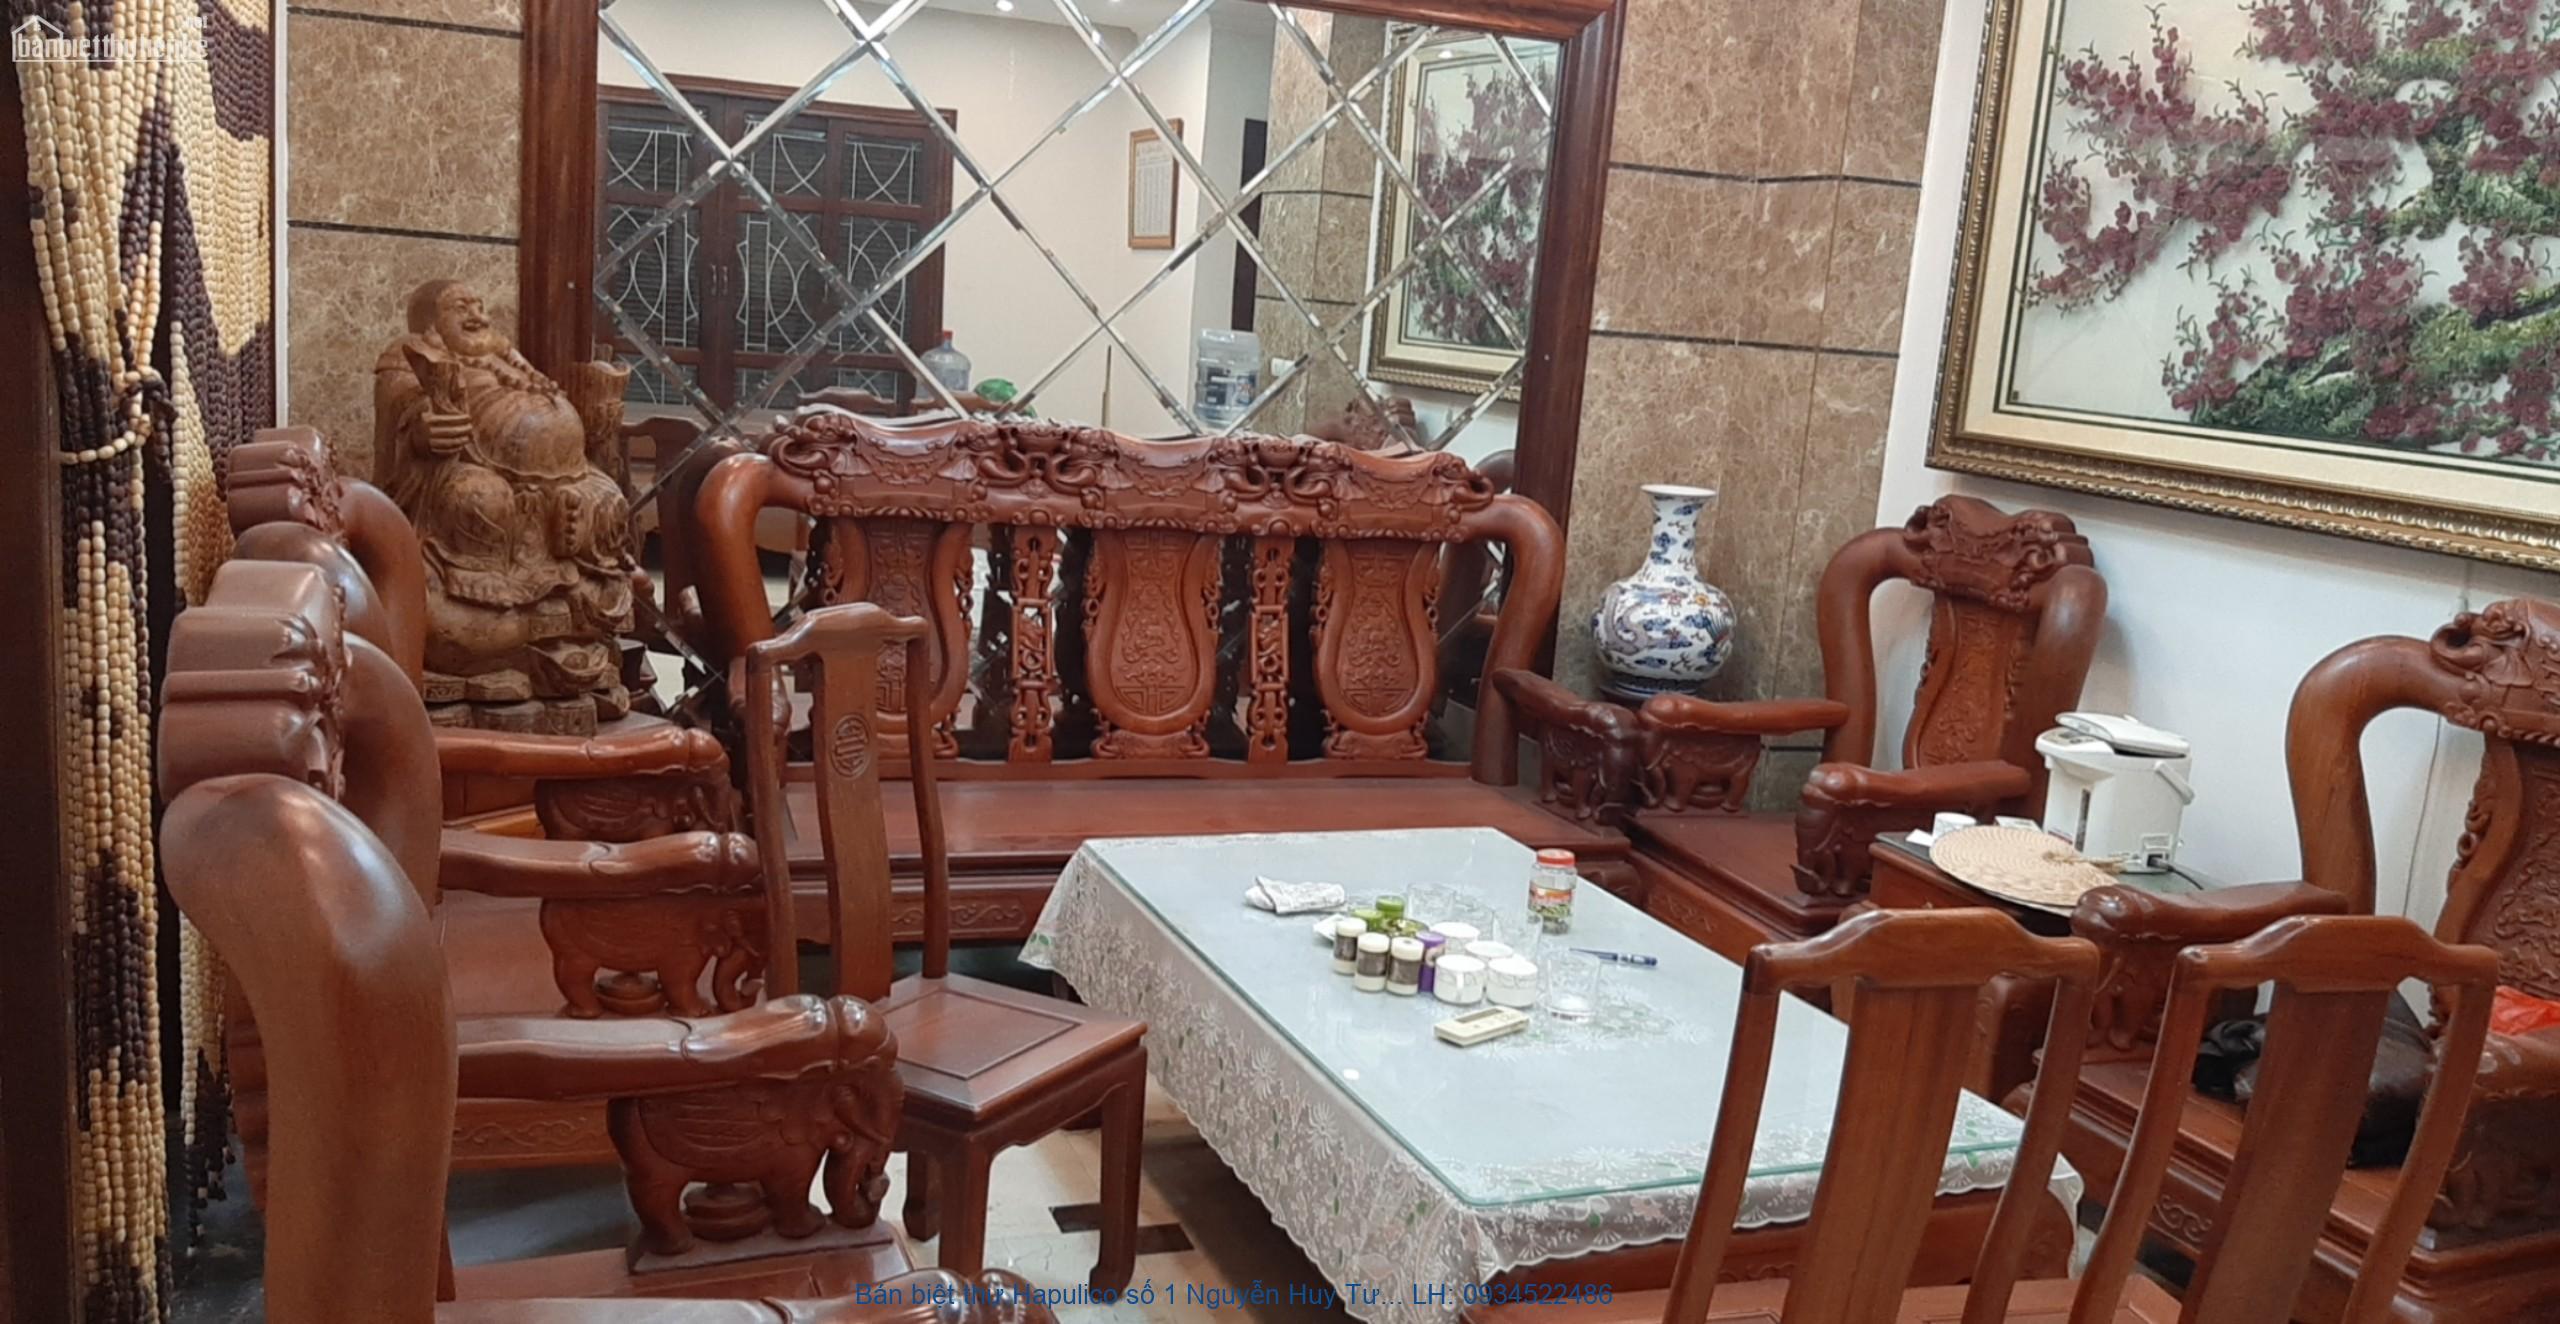 Bán biệt thự Hapulico số 1 Nguyễn Huy Tưởng,  căn góc,153m2. LH 093452